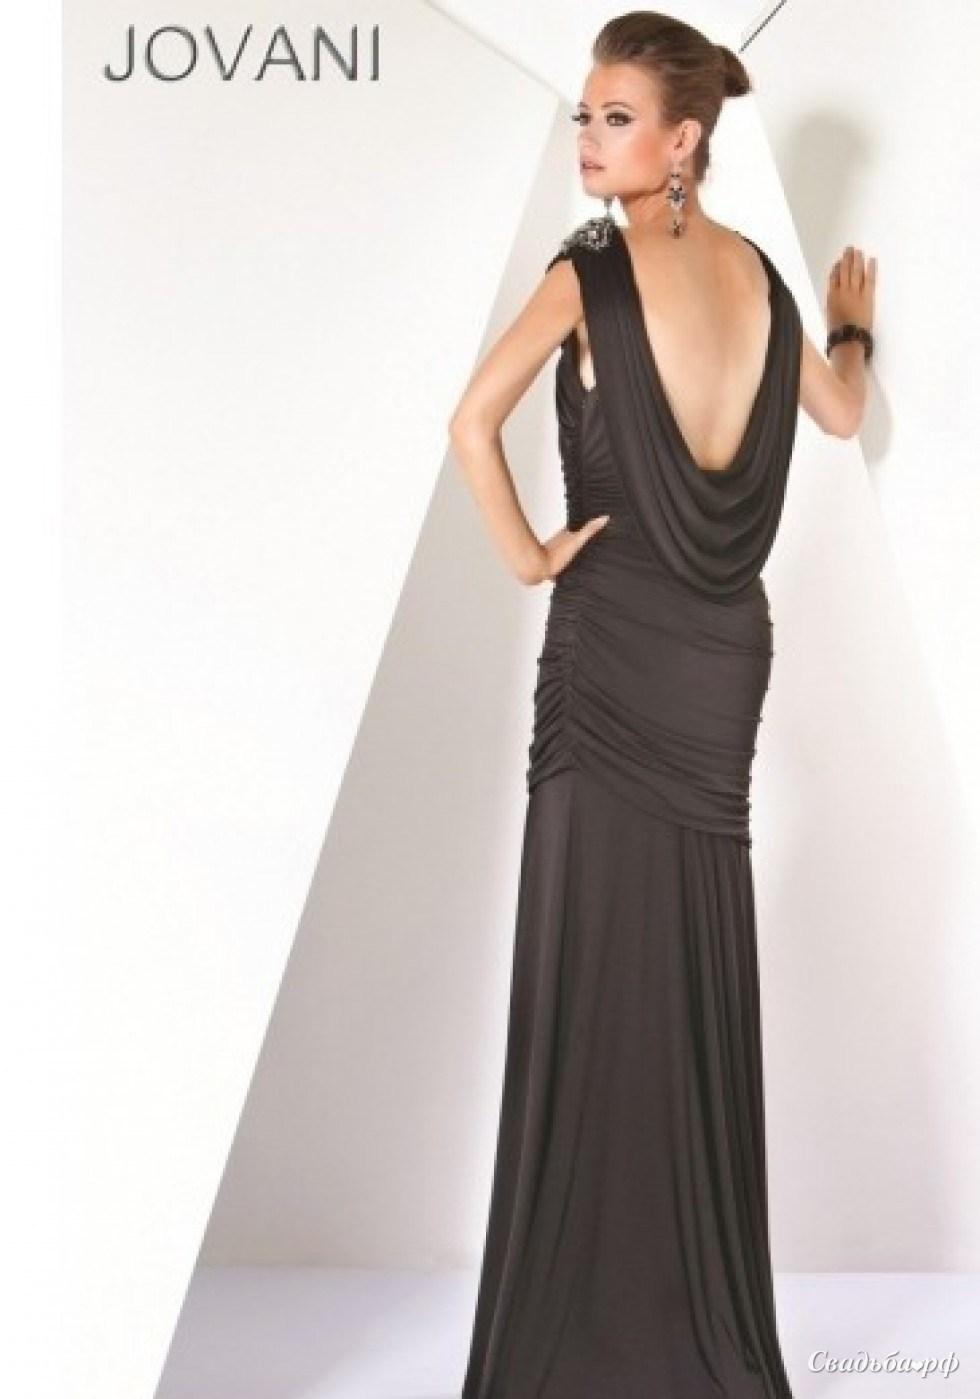 Купить вечернее платье 3484-А619 (Jovani, цвета: черный) - Свадебный салон Ажур